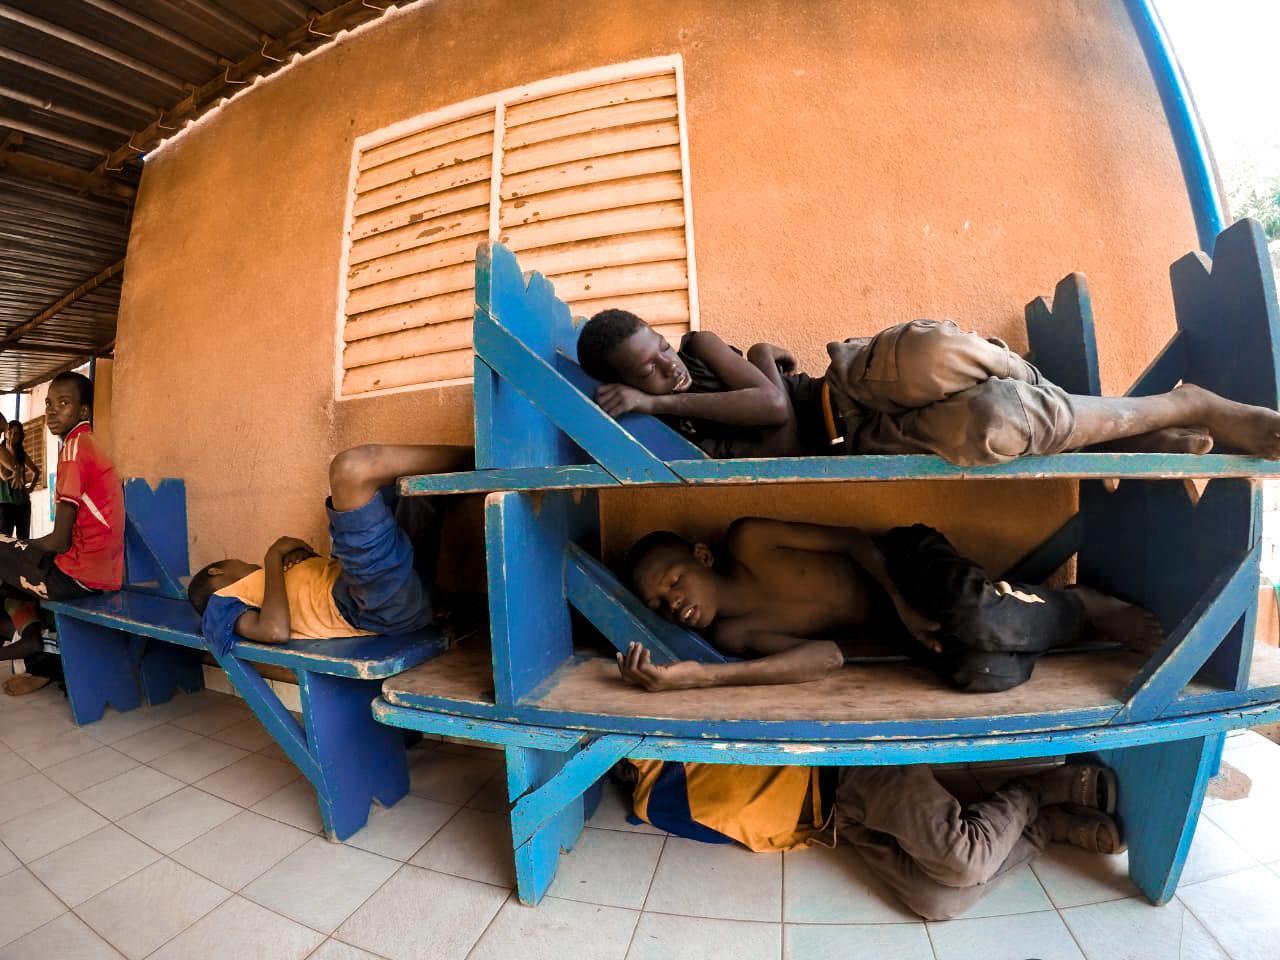 Crianças dormem em bancos em Burkina Faso